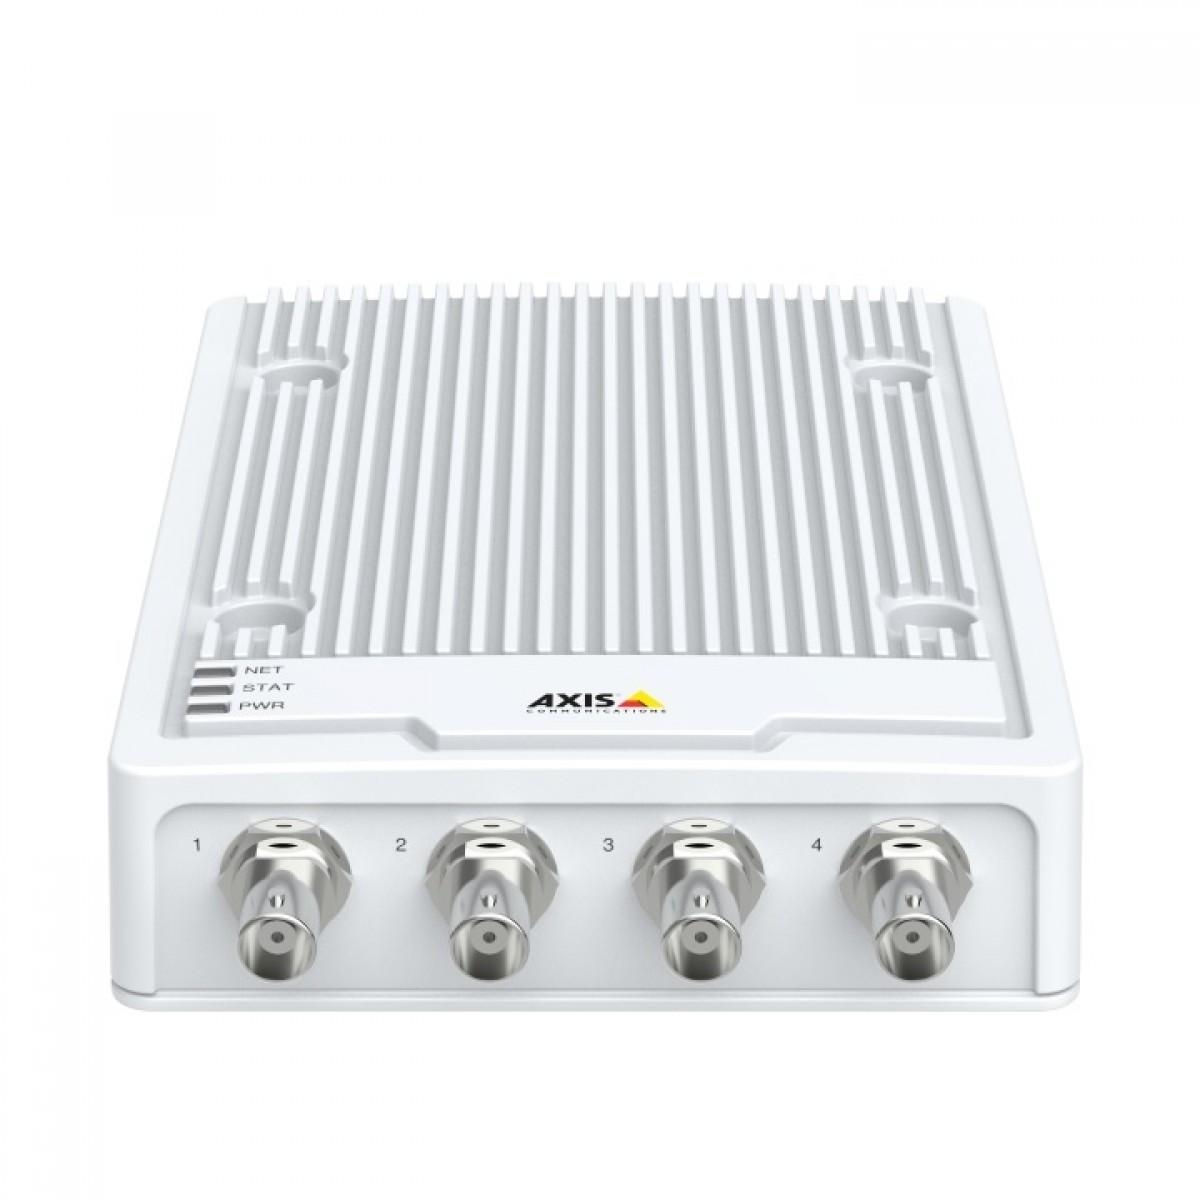 Axis Communications представила видеокодеры M7104 и P7304 с чипом нового поколения